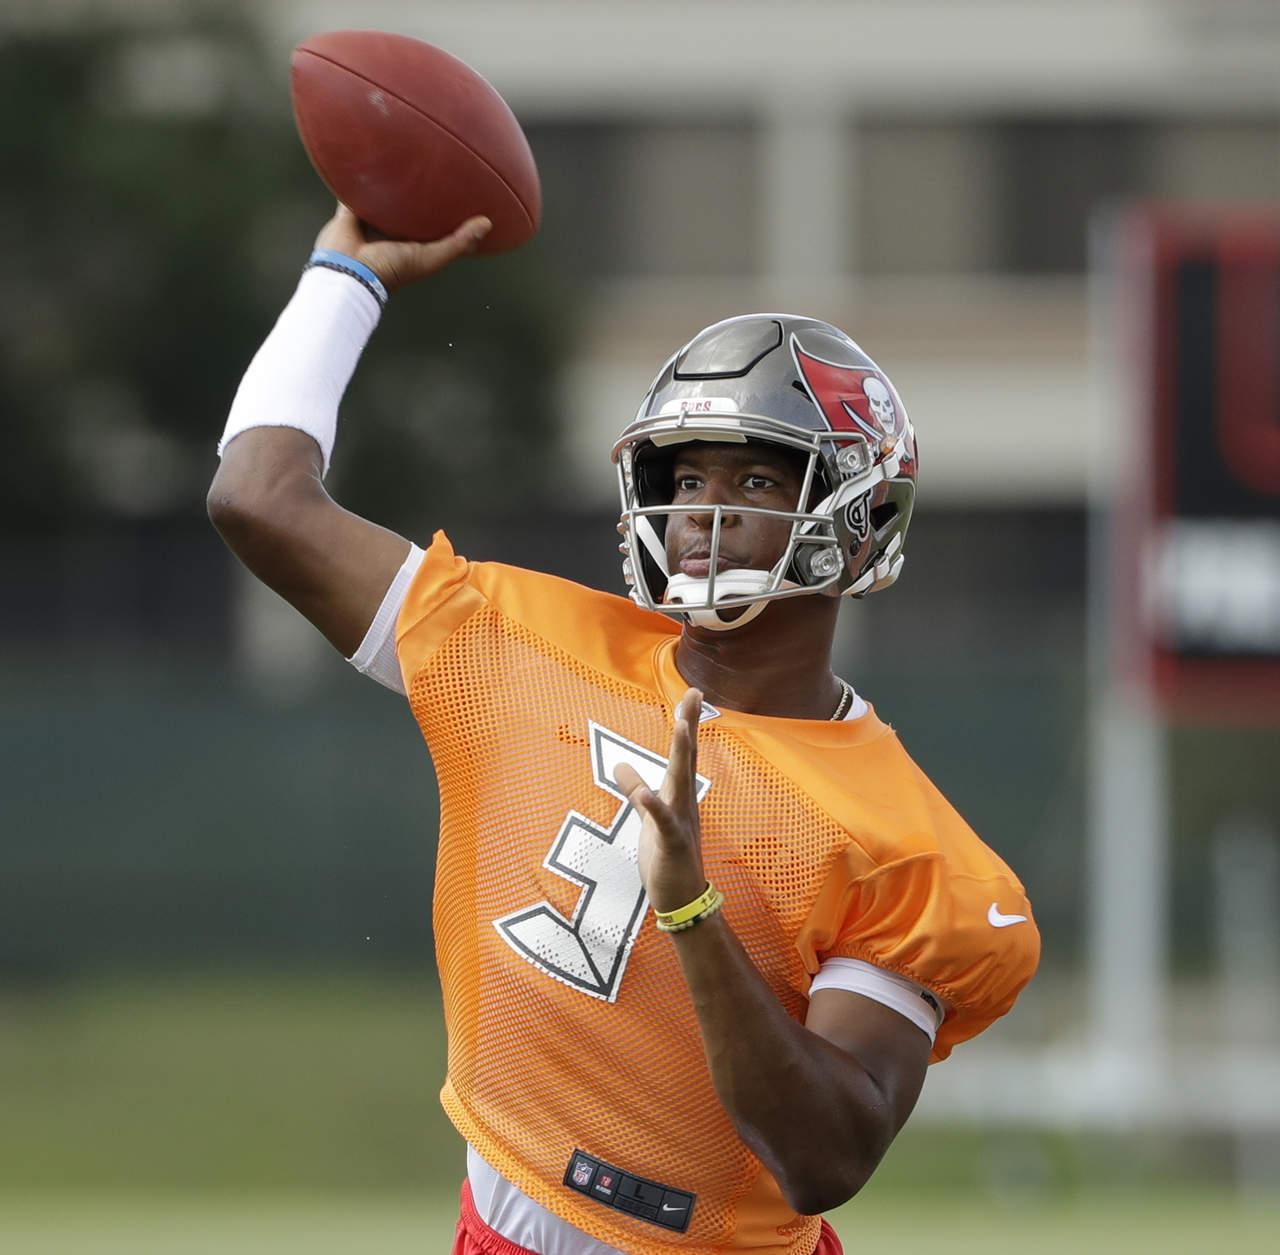 Suspenden tres partidos al quarterback Jameis Winston de Tampa Bay. Noticias en tiempo real